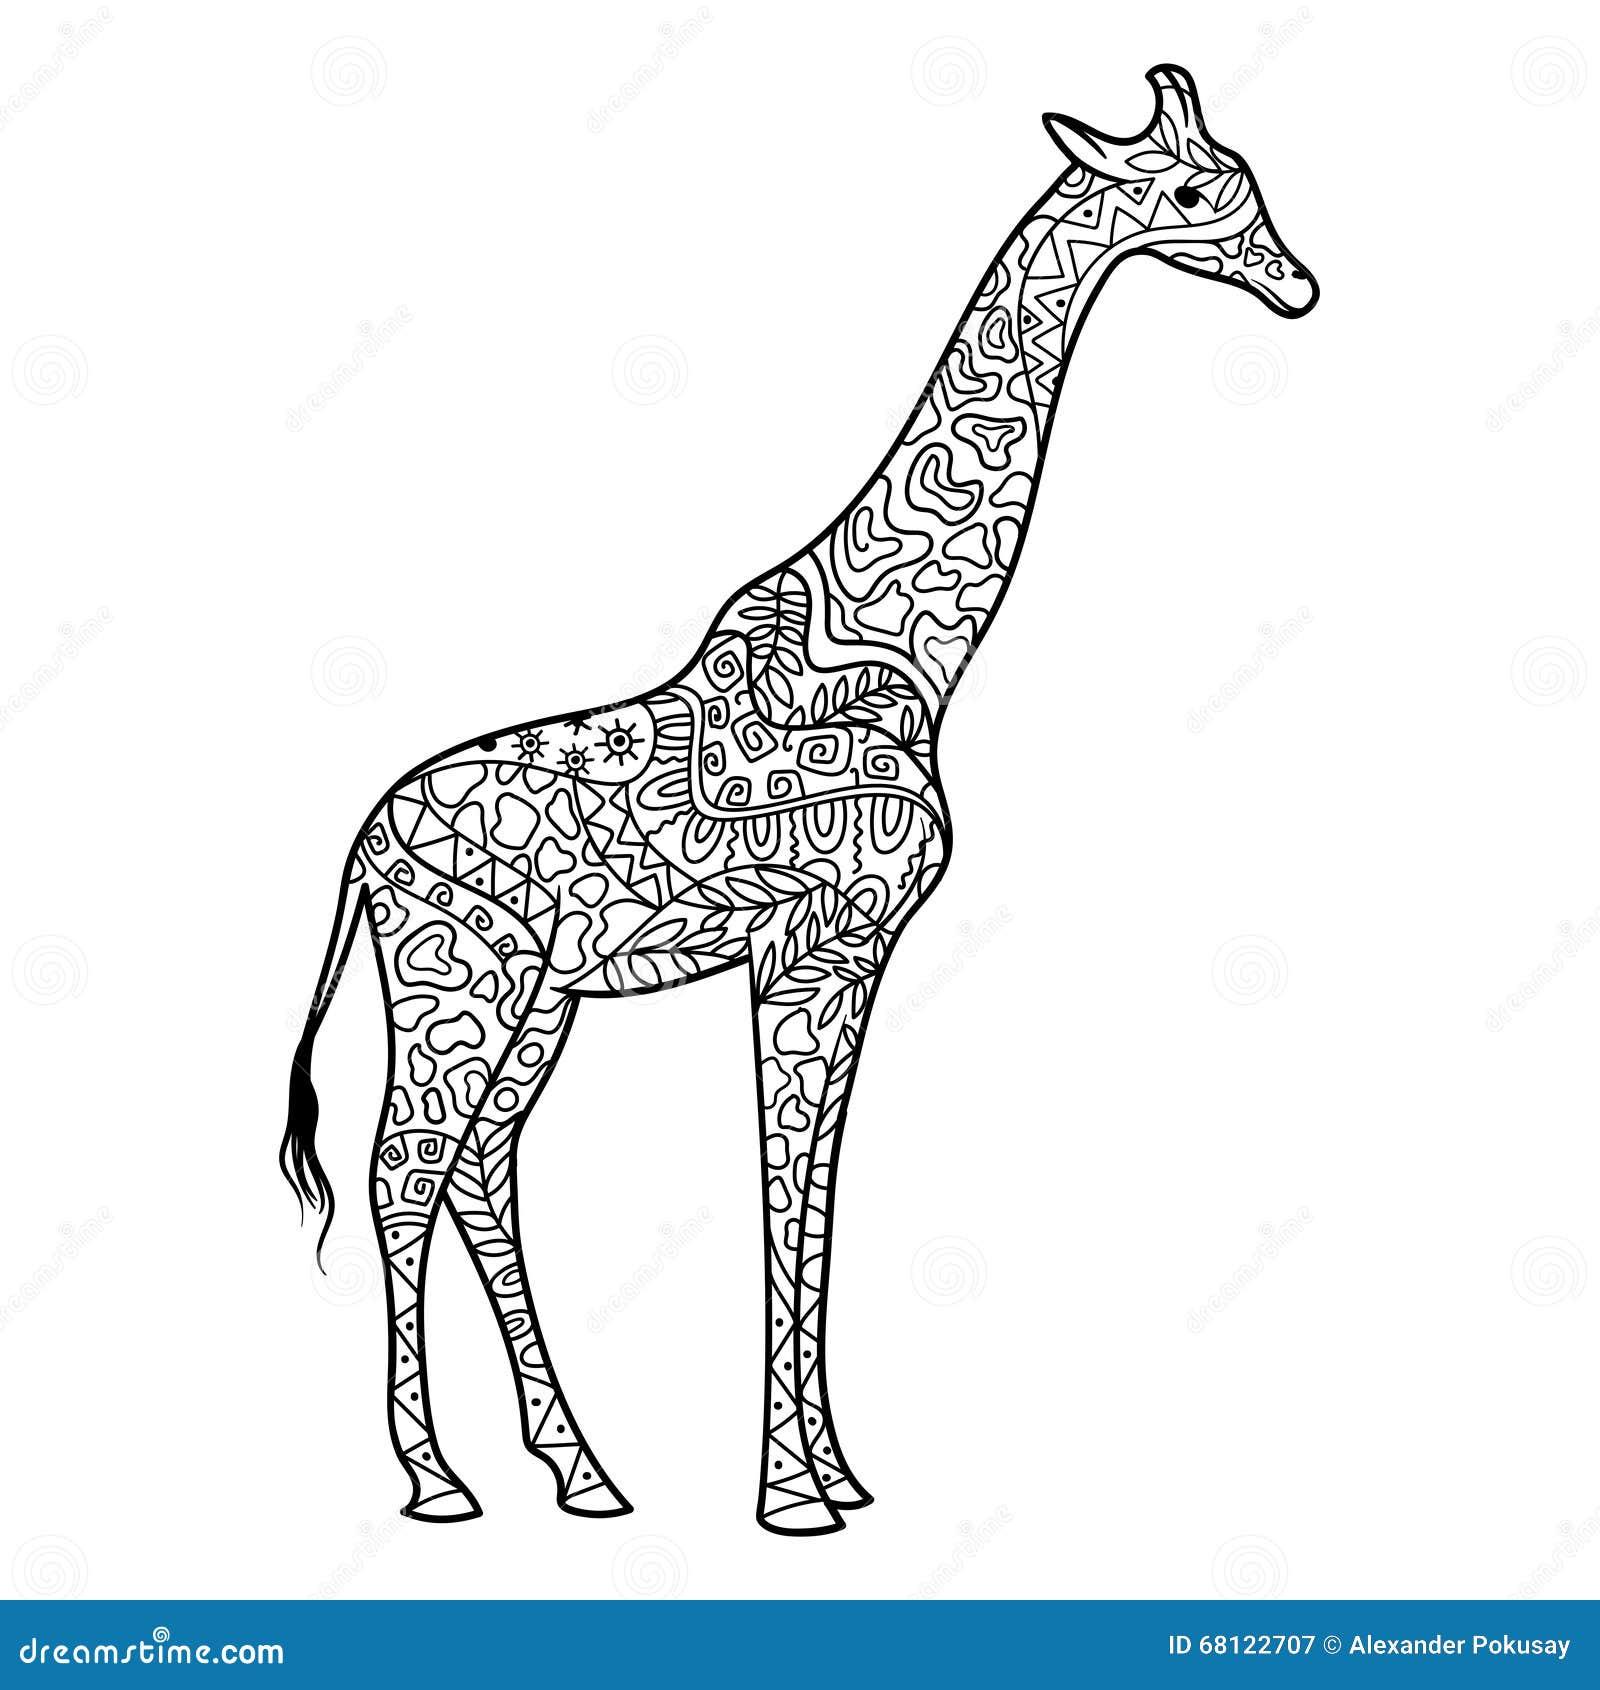 Coloriage Girafe Mandala.Livre De Coloriage De Girafe Pour Le Vecteur D Adultes